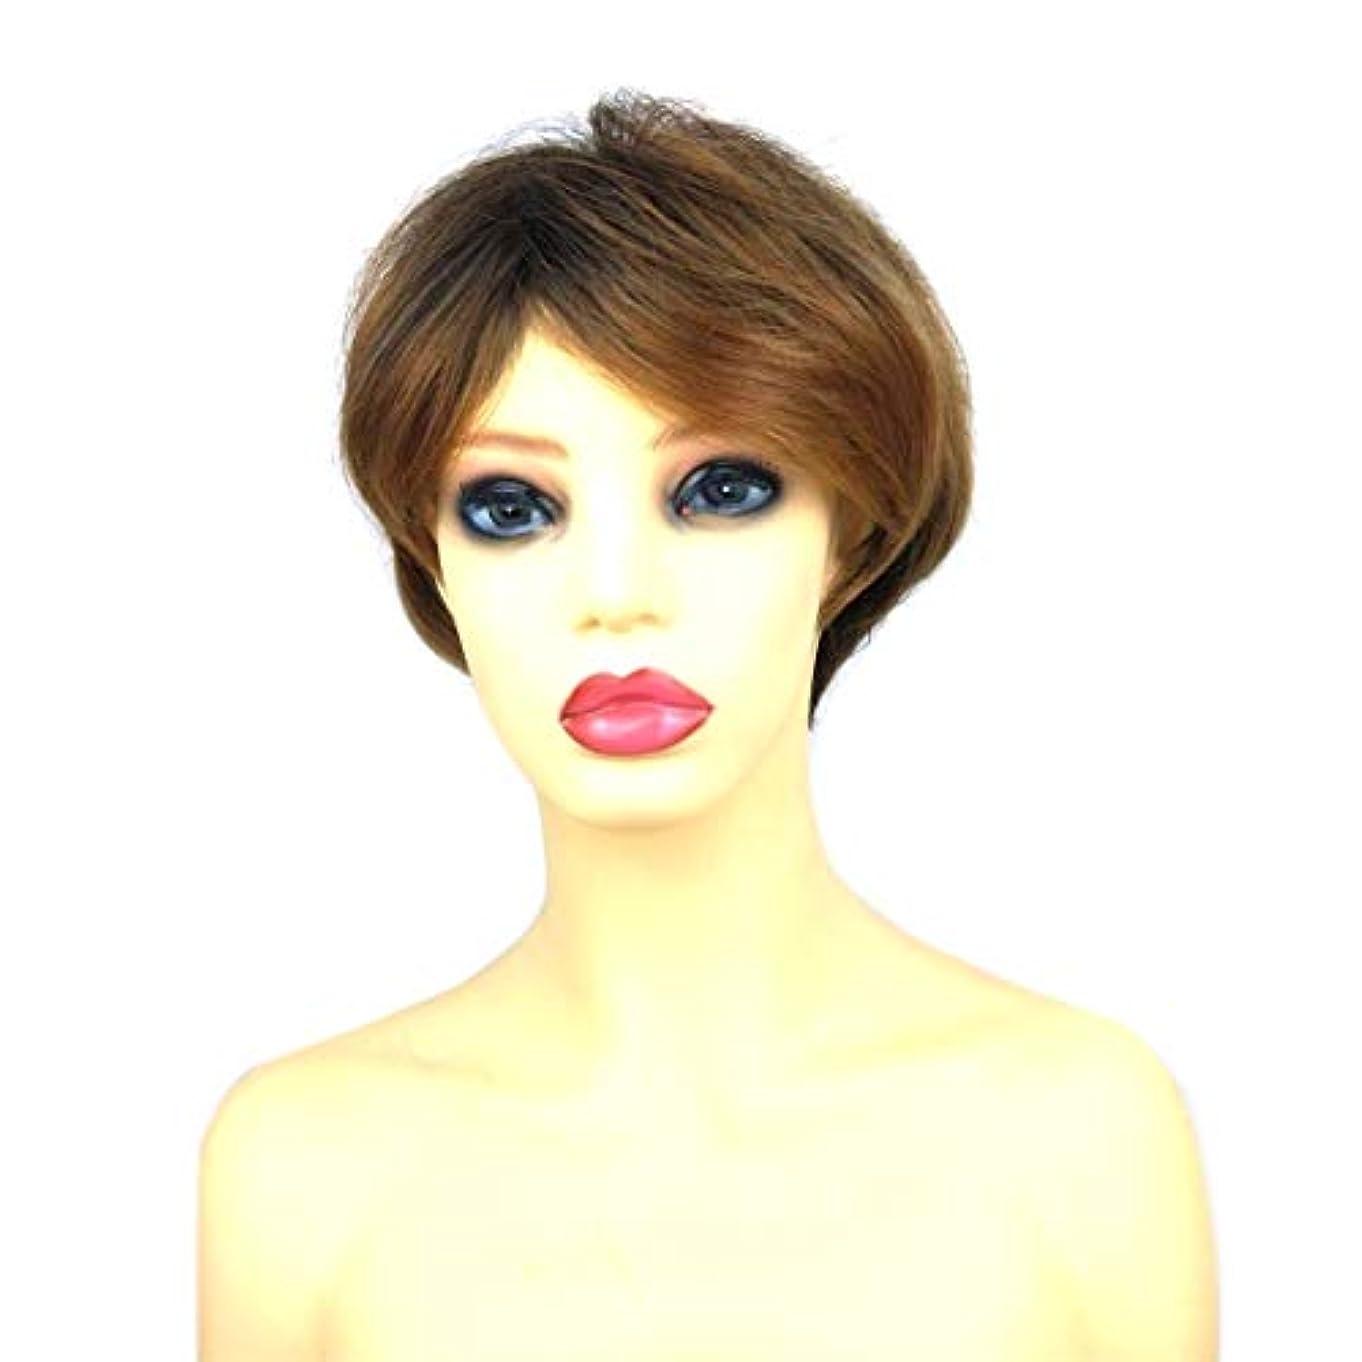 大臣ベジタリアンストッキングSummerys 女性のための短いかつらブロンドボブ髪かつら自然に見える耐熱性合成ファッションかつら